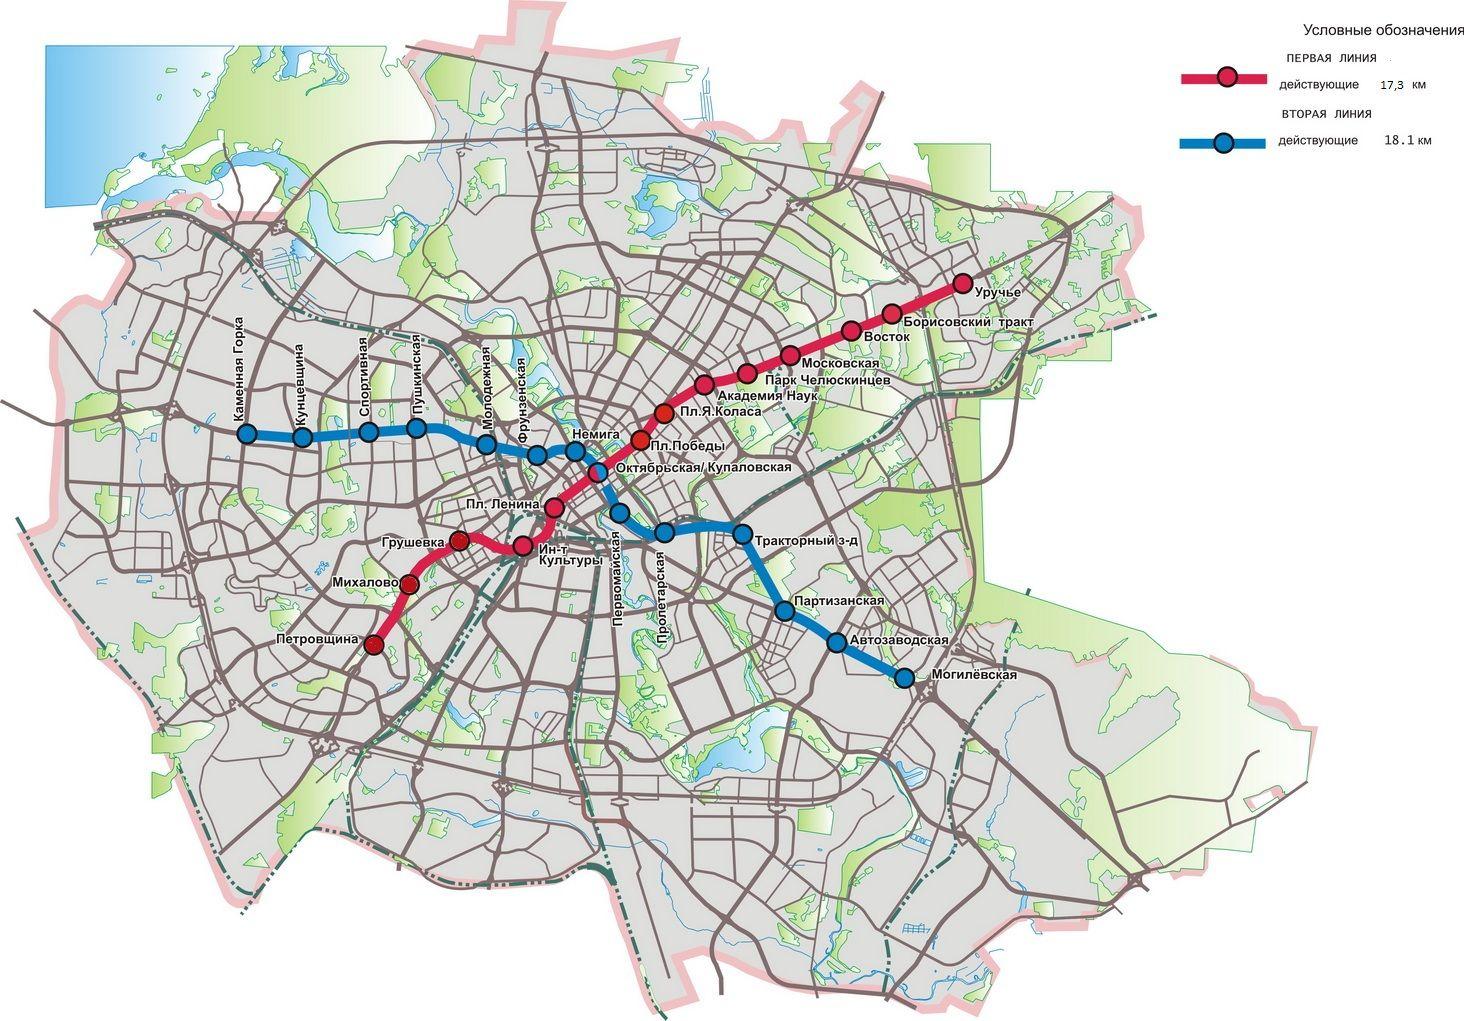 схема метро сан паулу